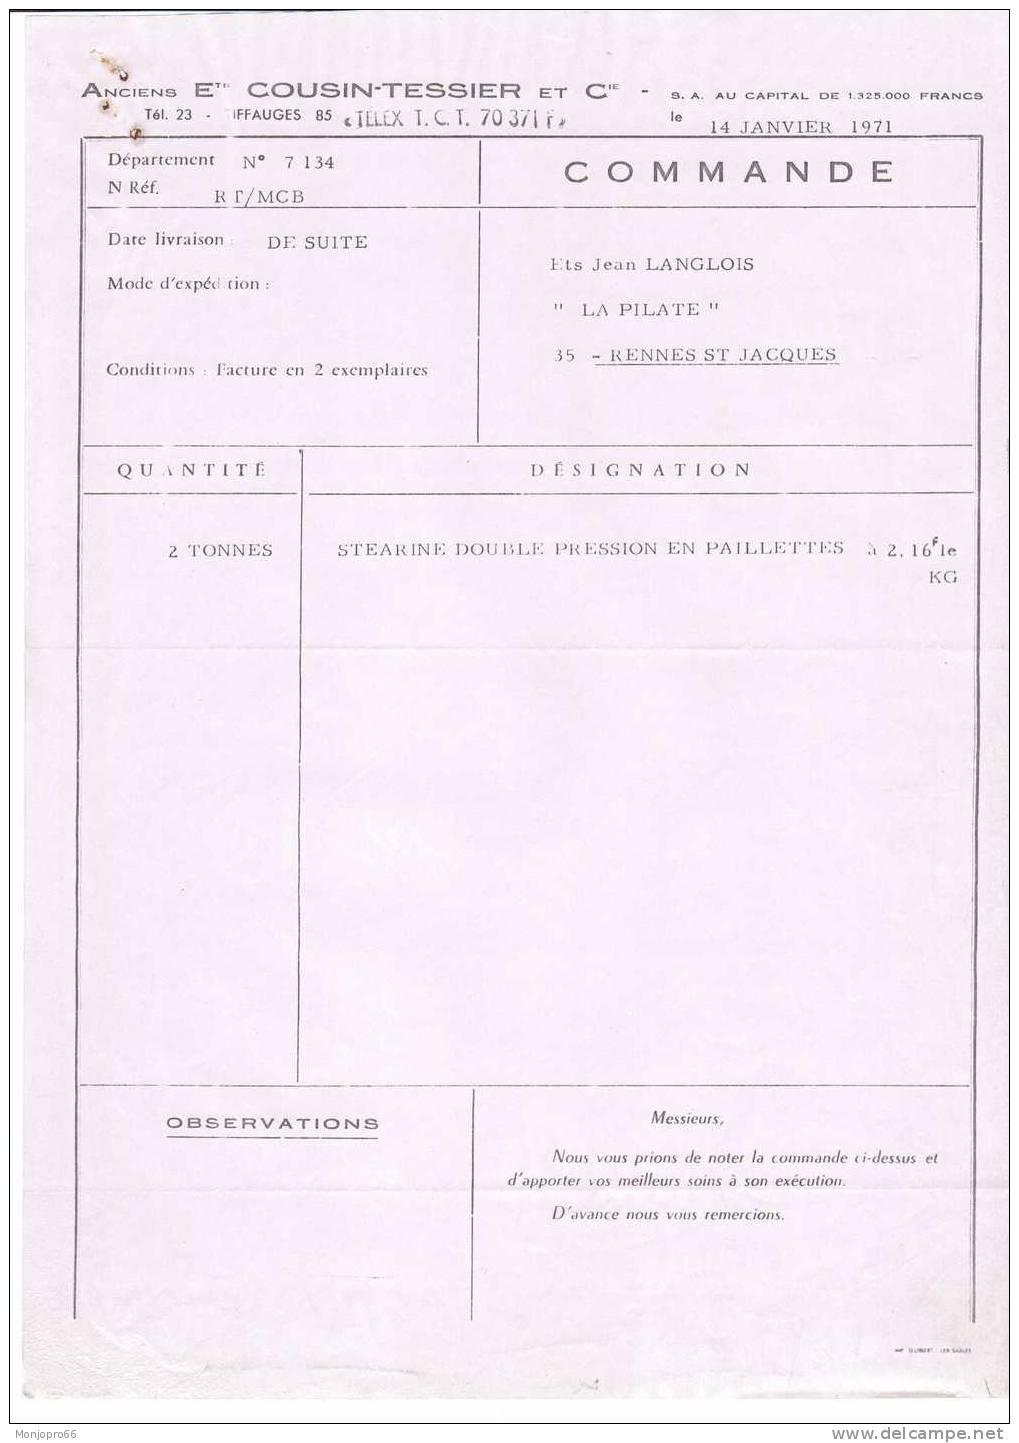 Bon De Commande Des Anciens Etablissements COUSIN-TESSIER Et Cie De Tiffauges Et De 1971 - Vieux Papiers